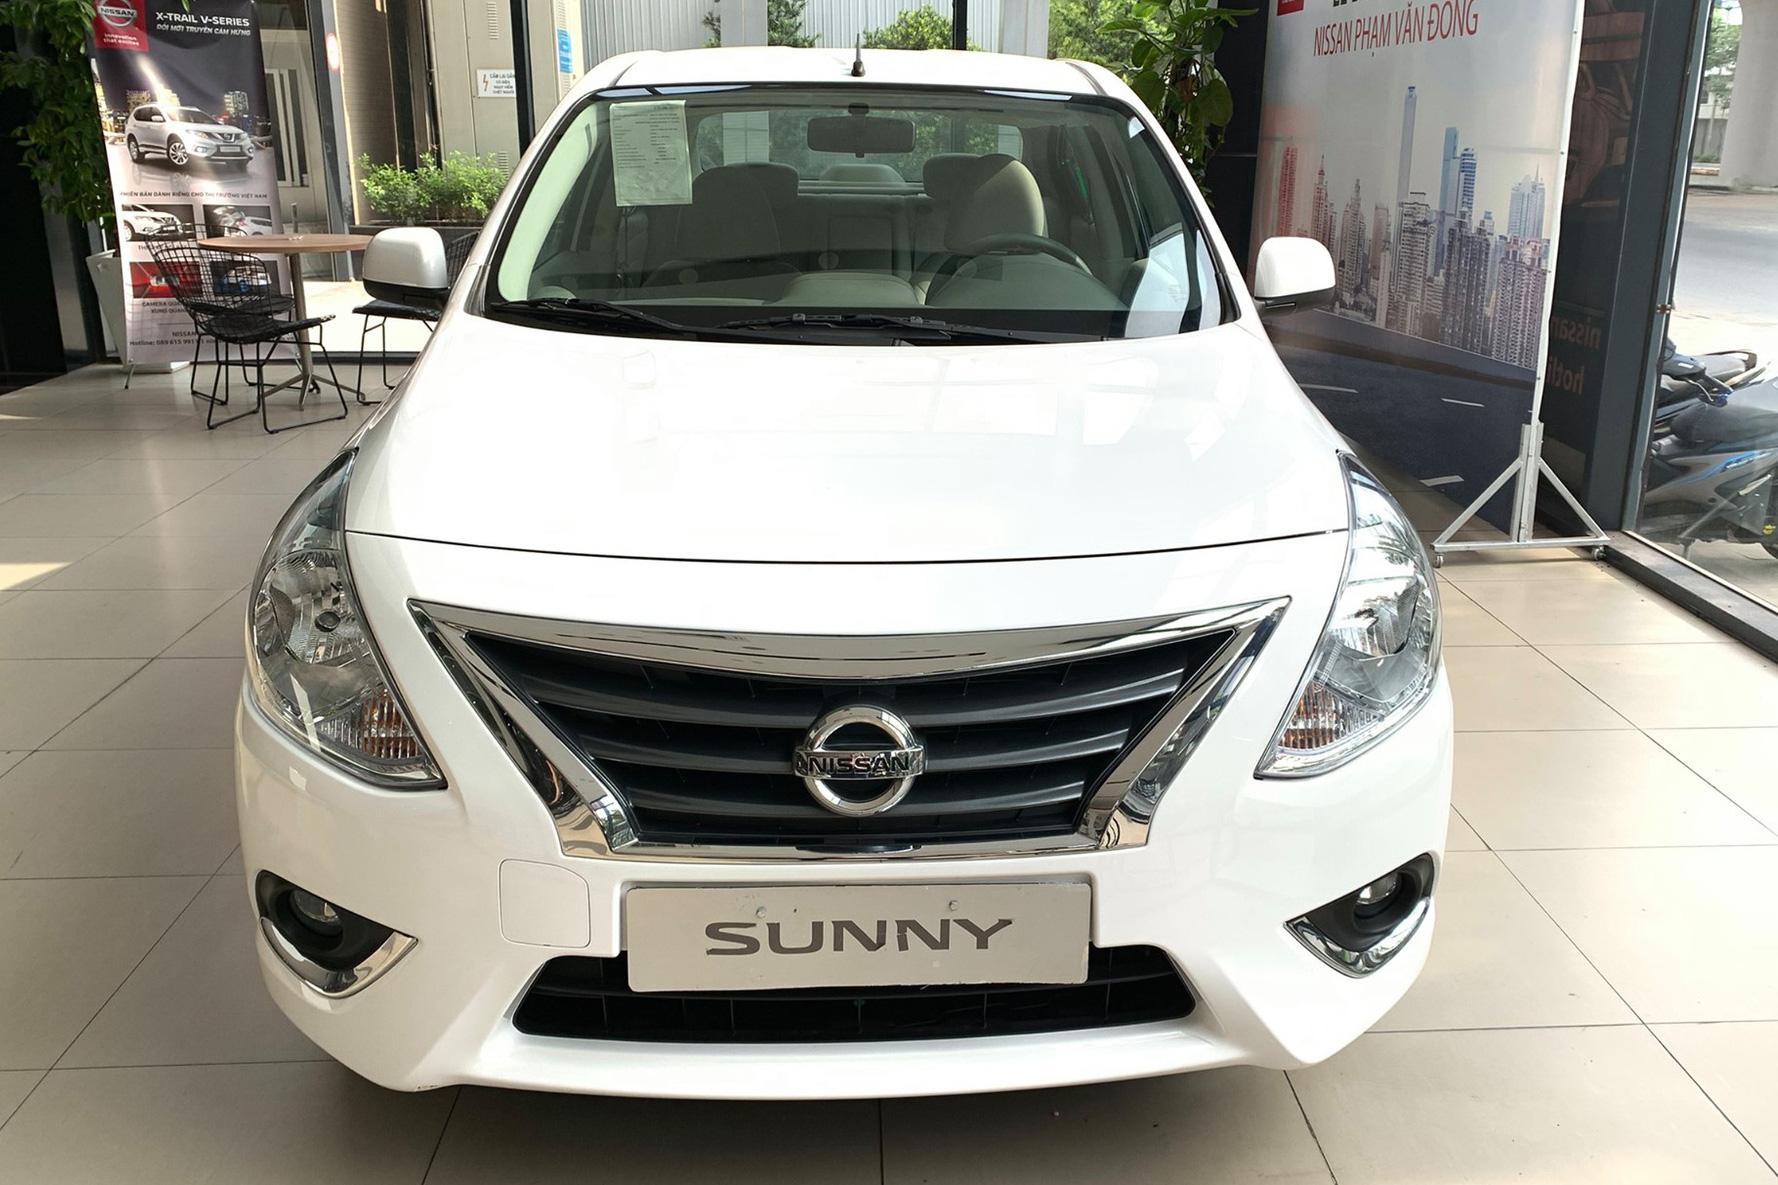 Đại lý ồ ạt xả kho Nissan Sunny với mức giảm kỷ lục: Giá từ 355 triệu đồng, thấp chưa từng thấy, ngang ngửa Kia Morning